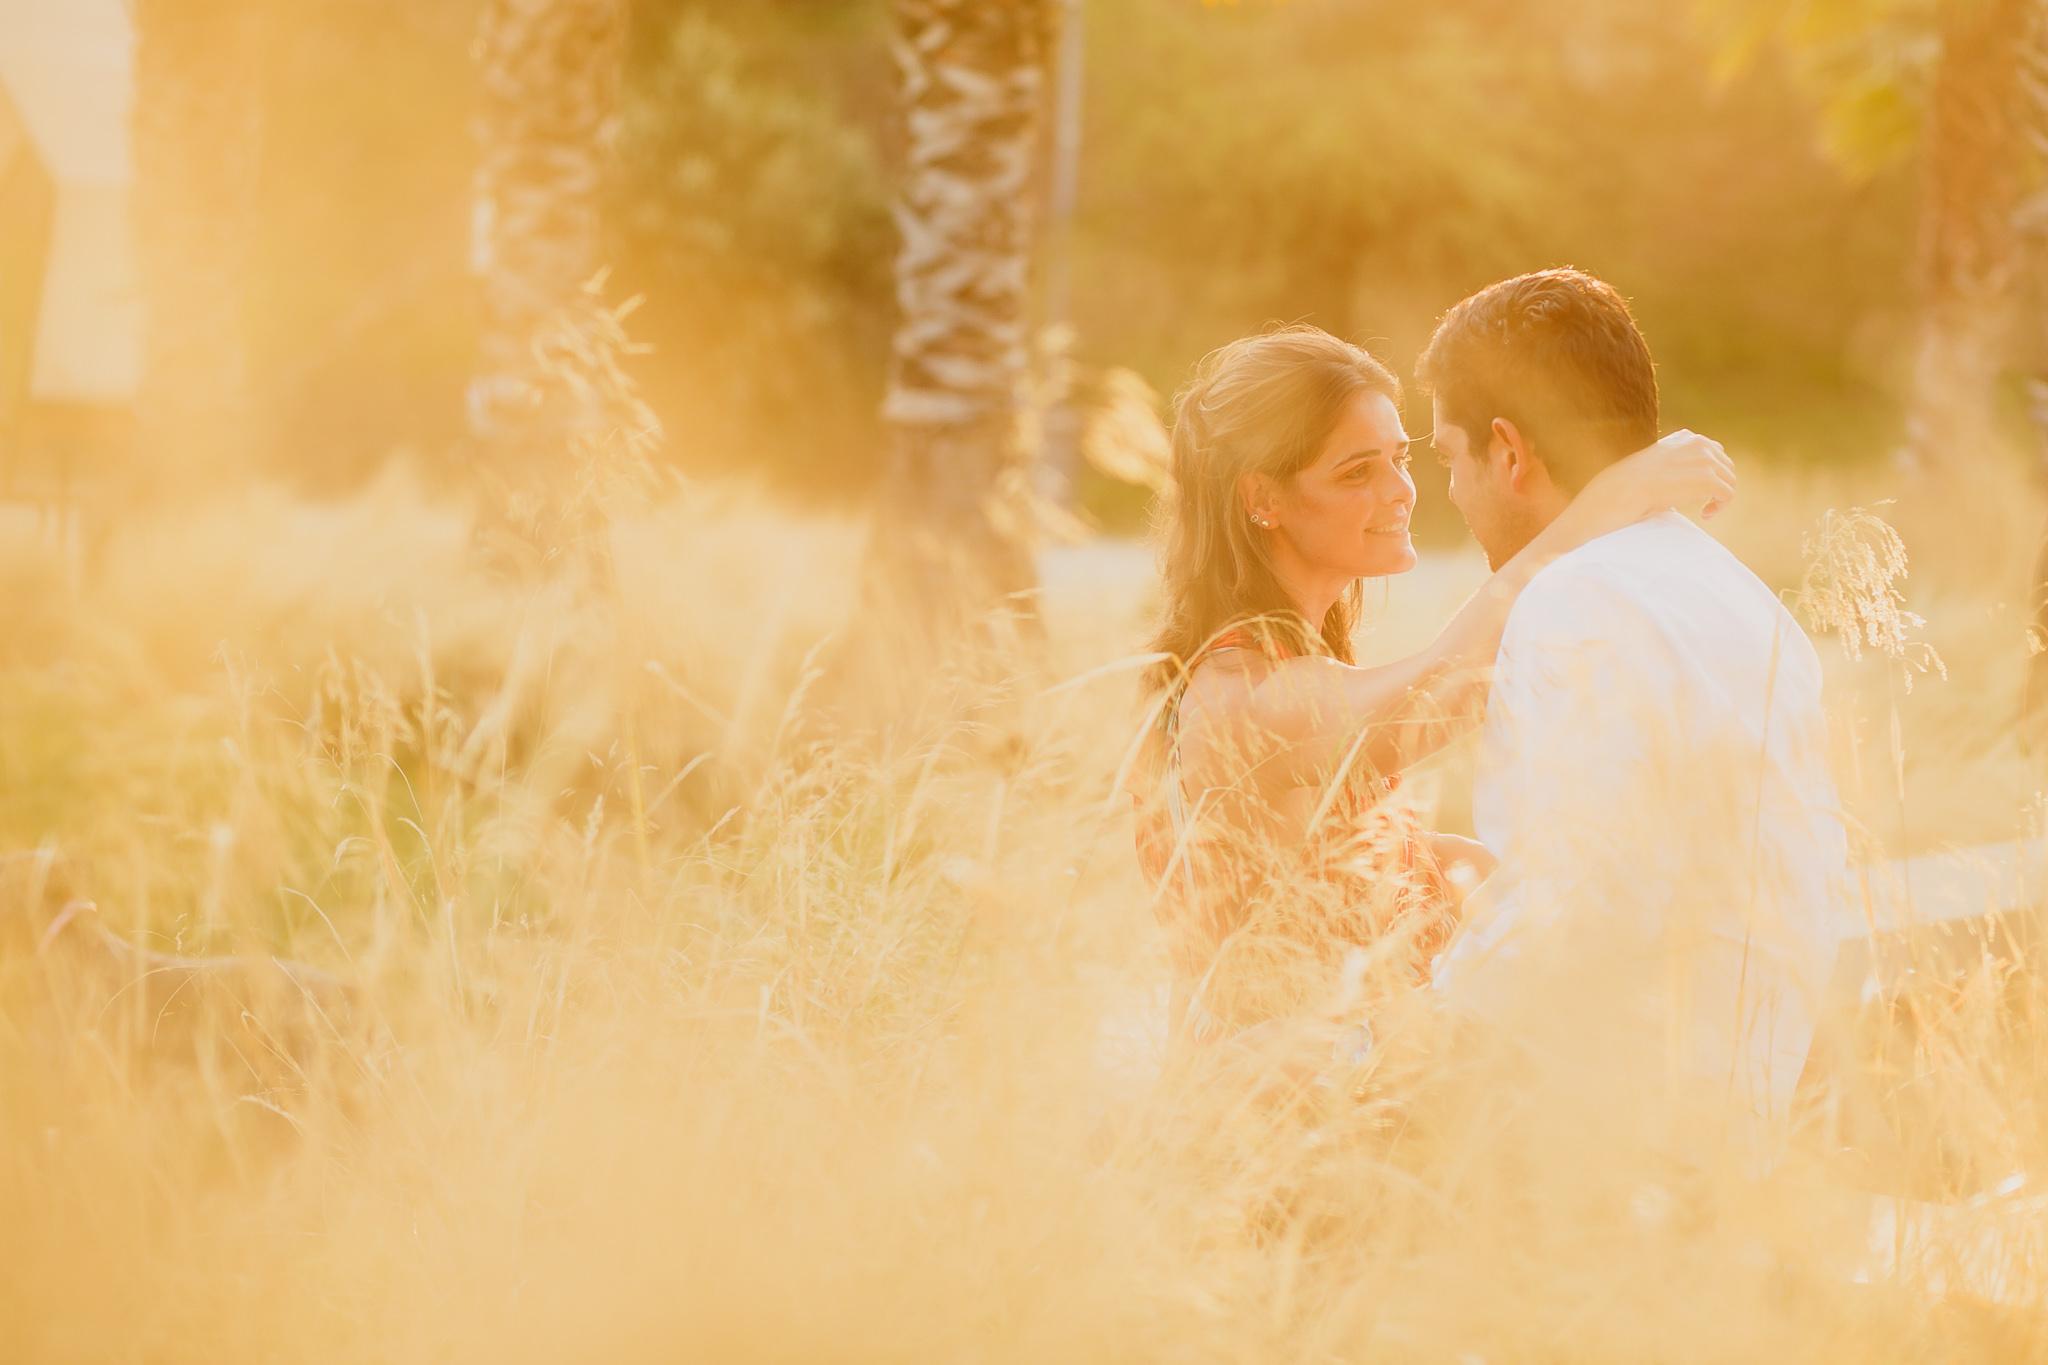 Sesion-engagement-pareja-parque-bicentenario